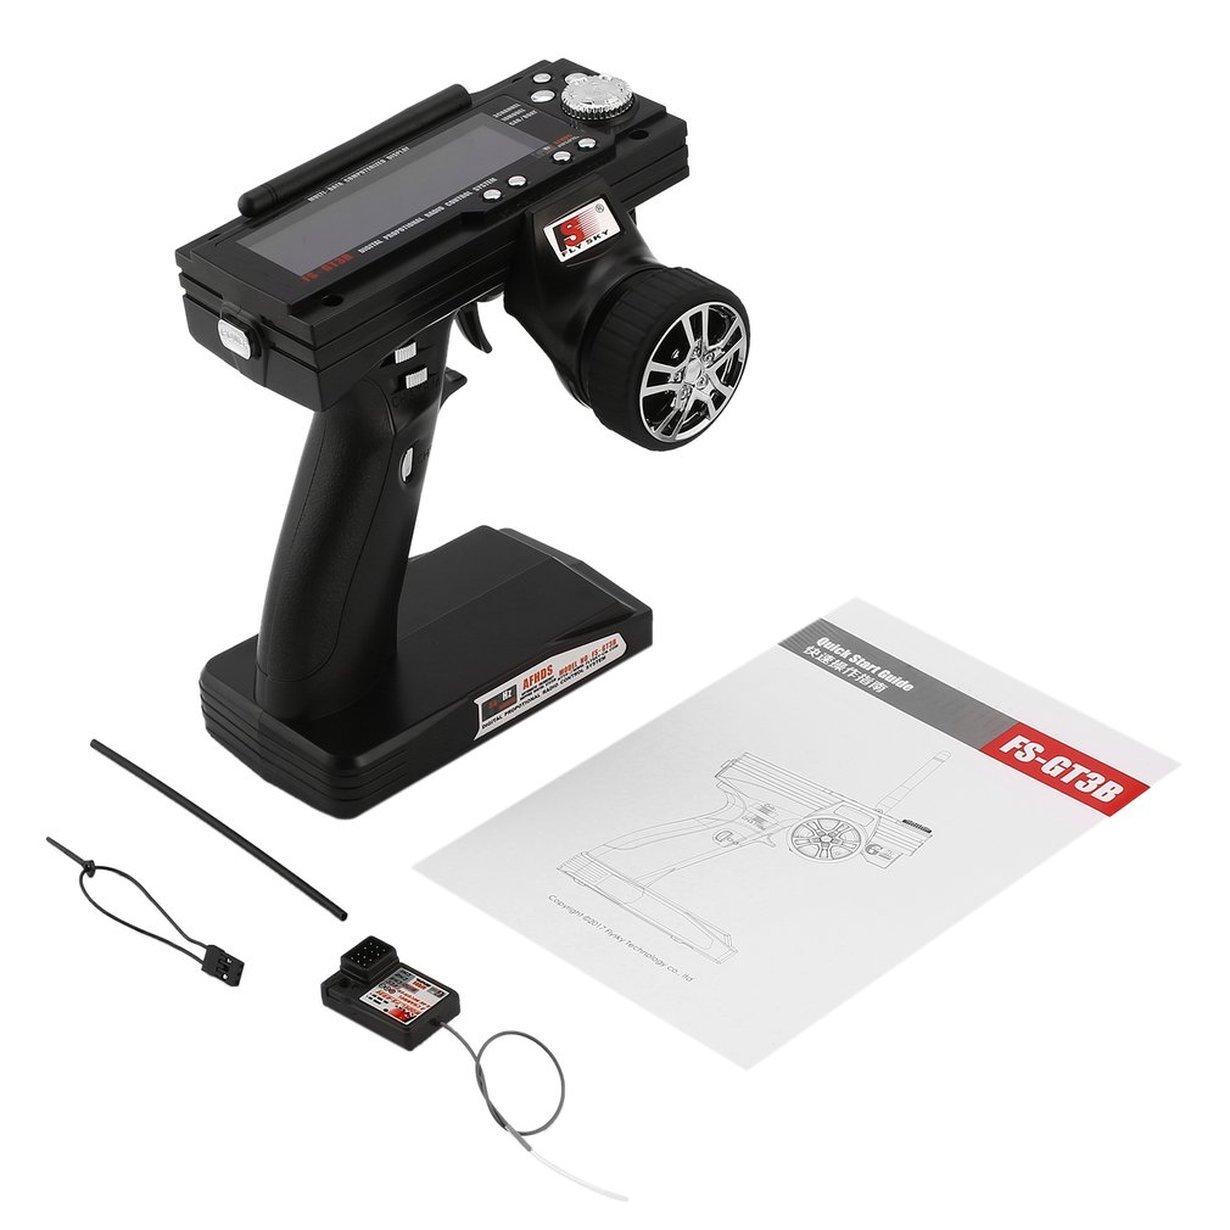 FS-GT3B Gun Controller, FS-GT3B 2.4G 3CH RC Stiefel Steuerpistole Sender/w TX Empfänger Für die meisten der Funksteuerung Modelle Hohe Empfängerempfindlichkeit